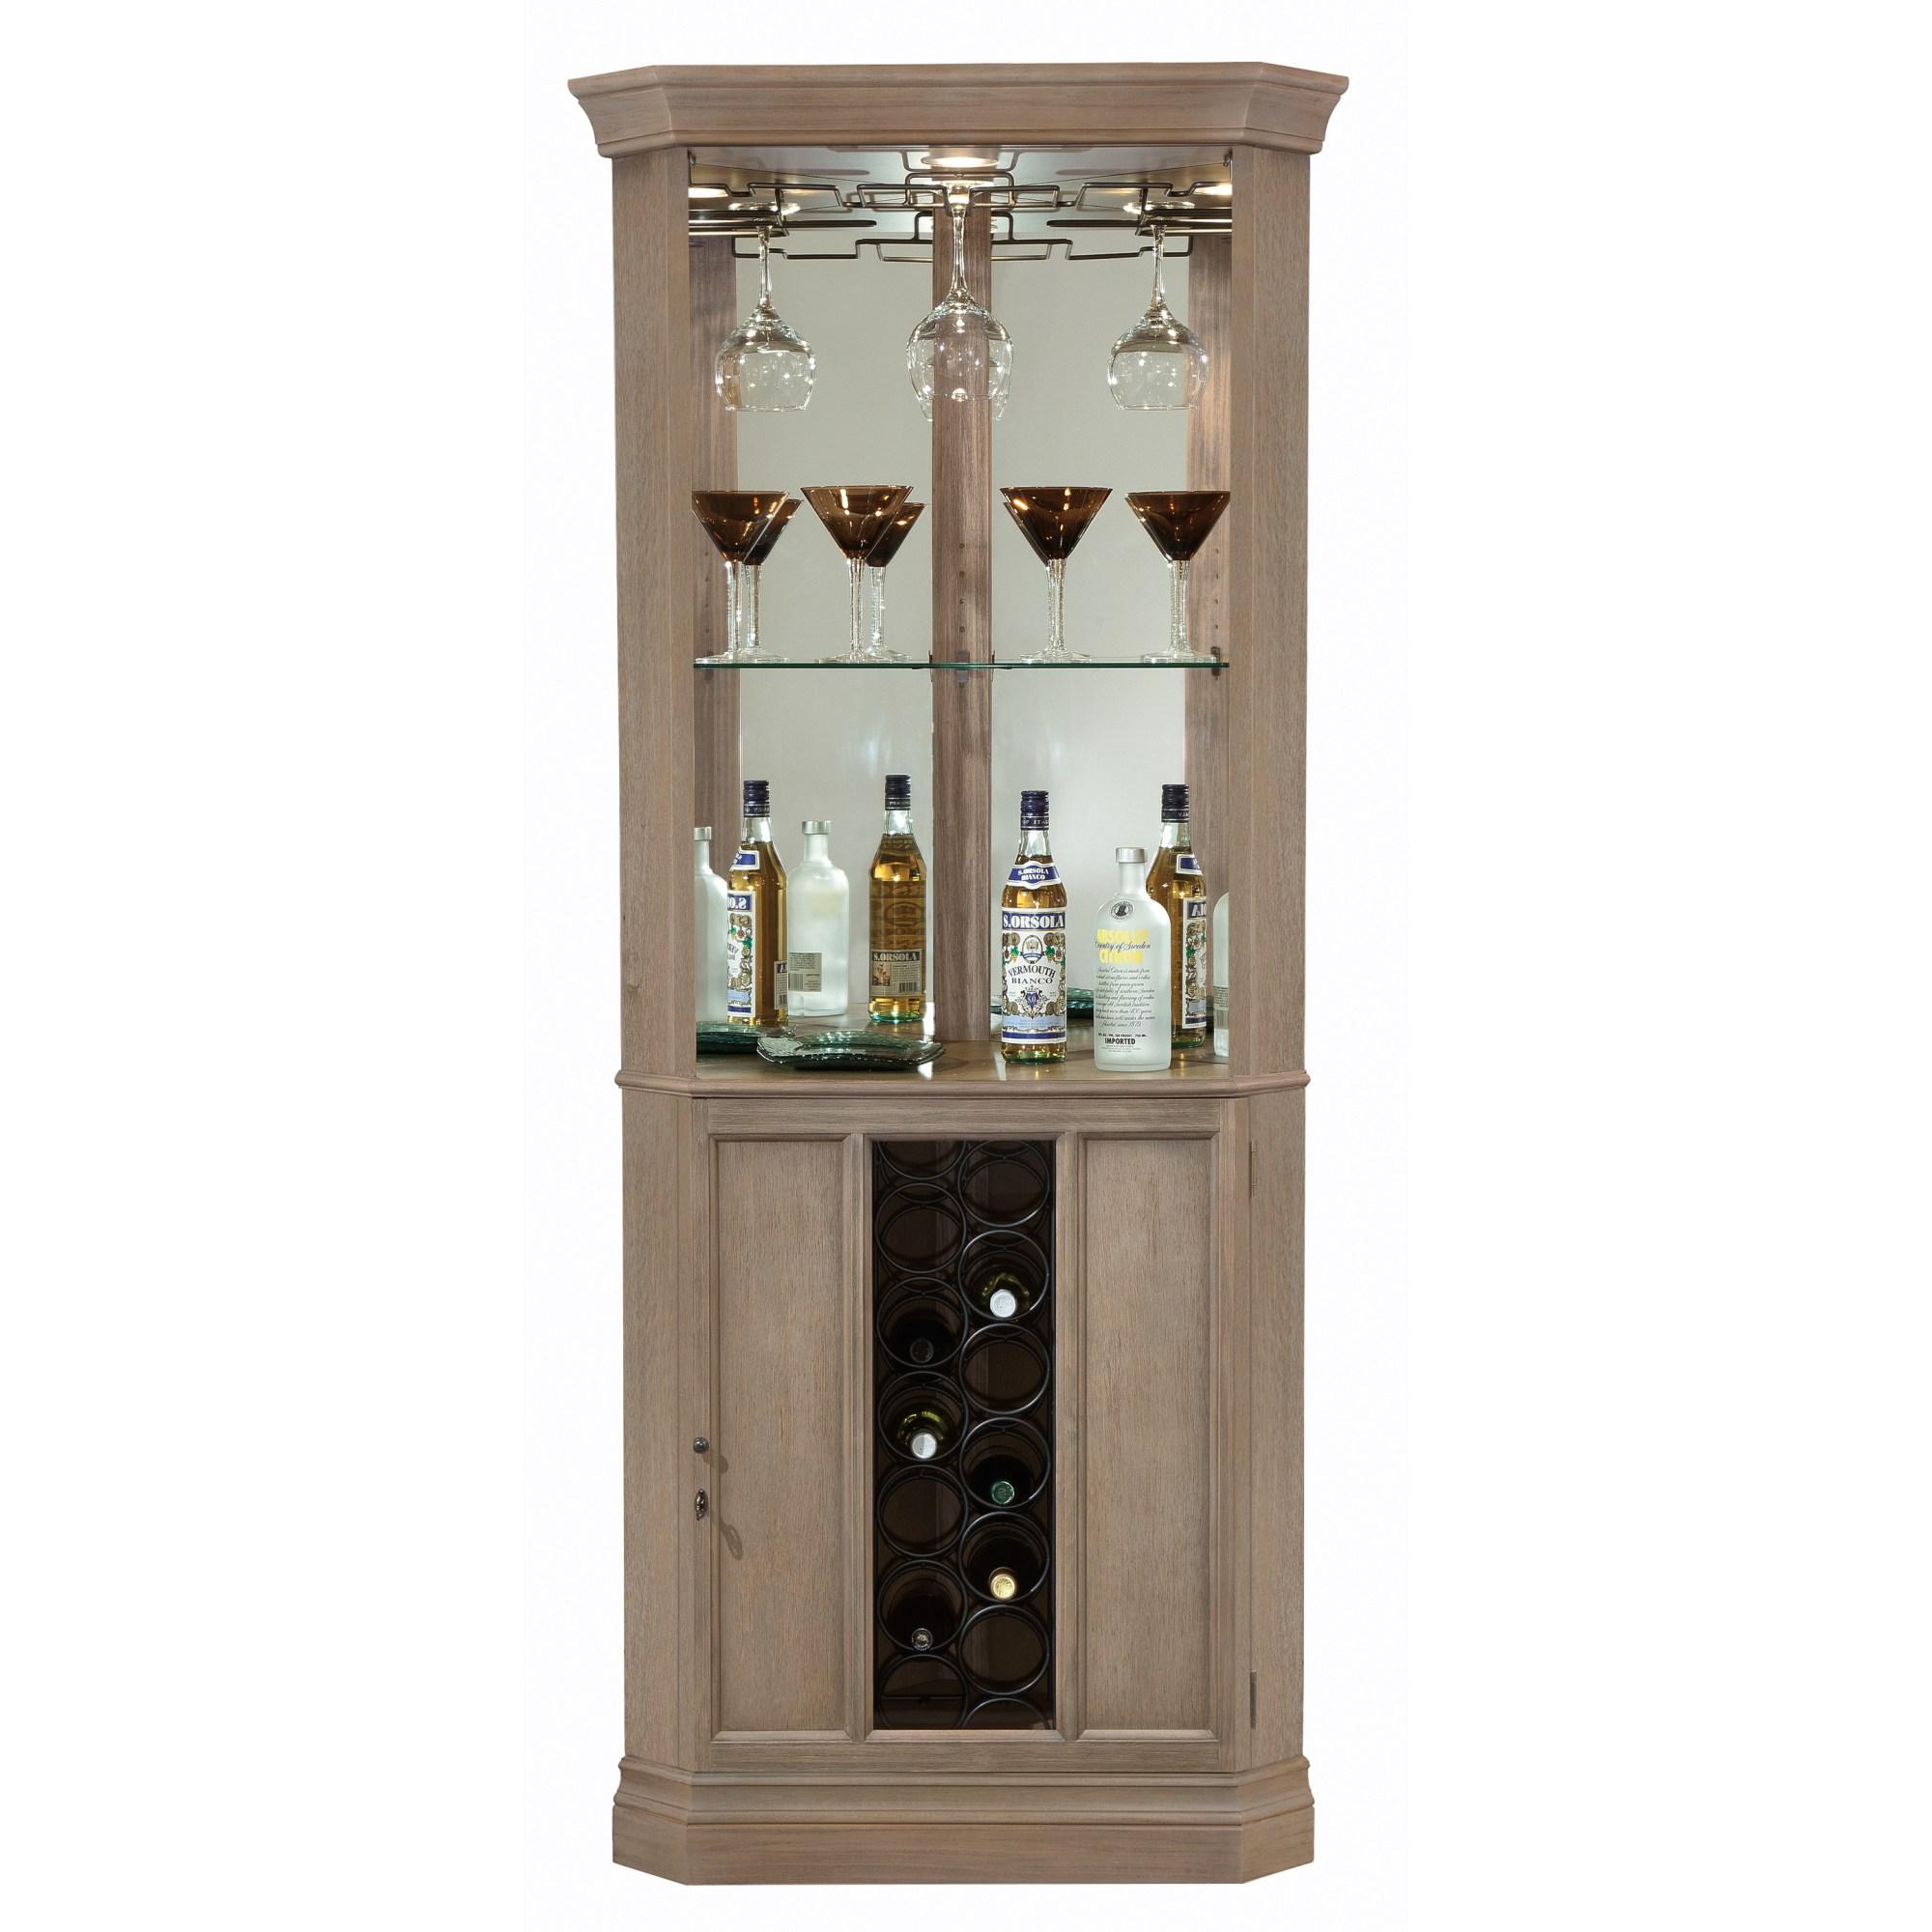 Image for 690-047 Piedmont VI Corner Wine & Bar Cabinet from Howard Miller Official Website